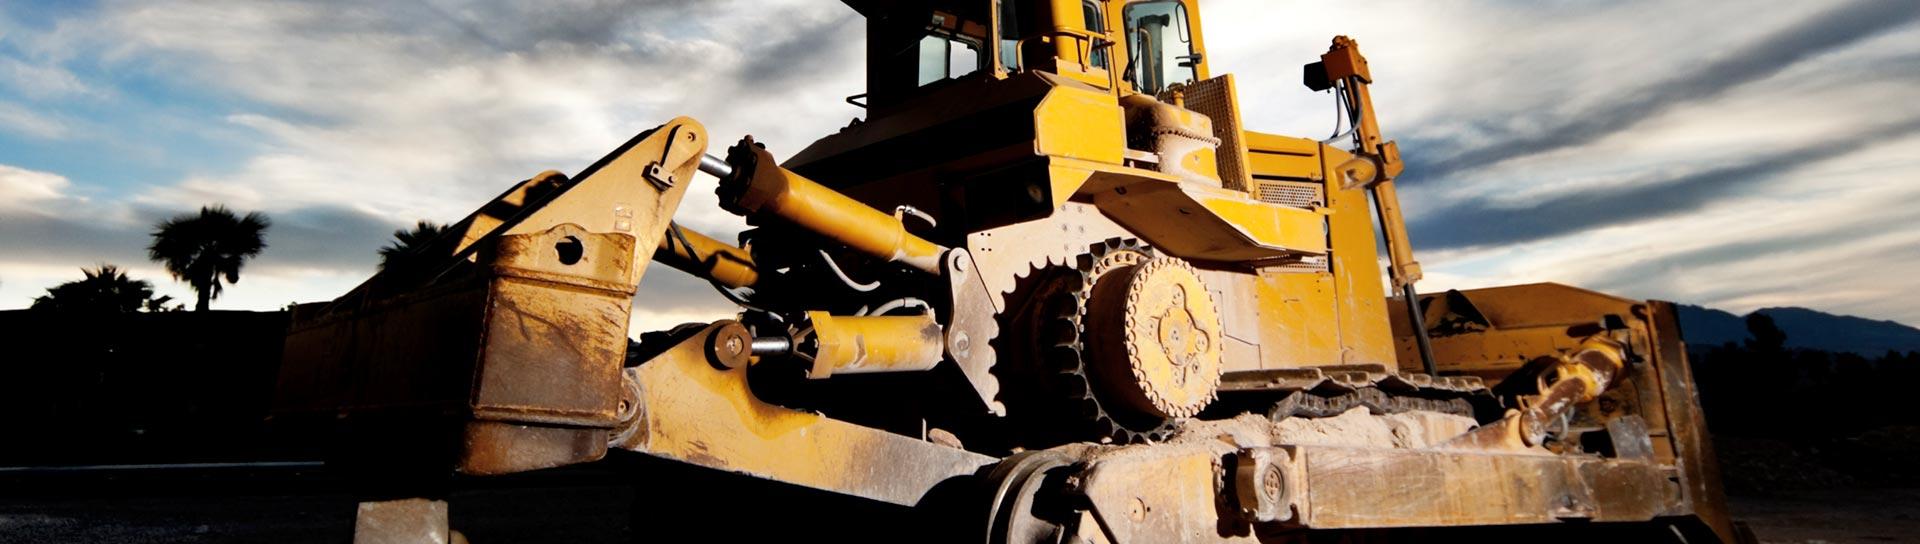 heavy machinery weighing